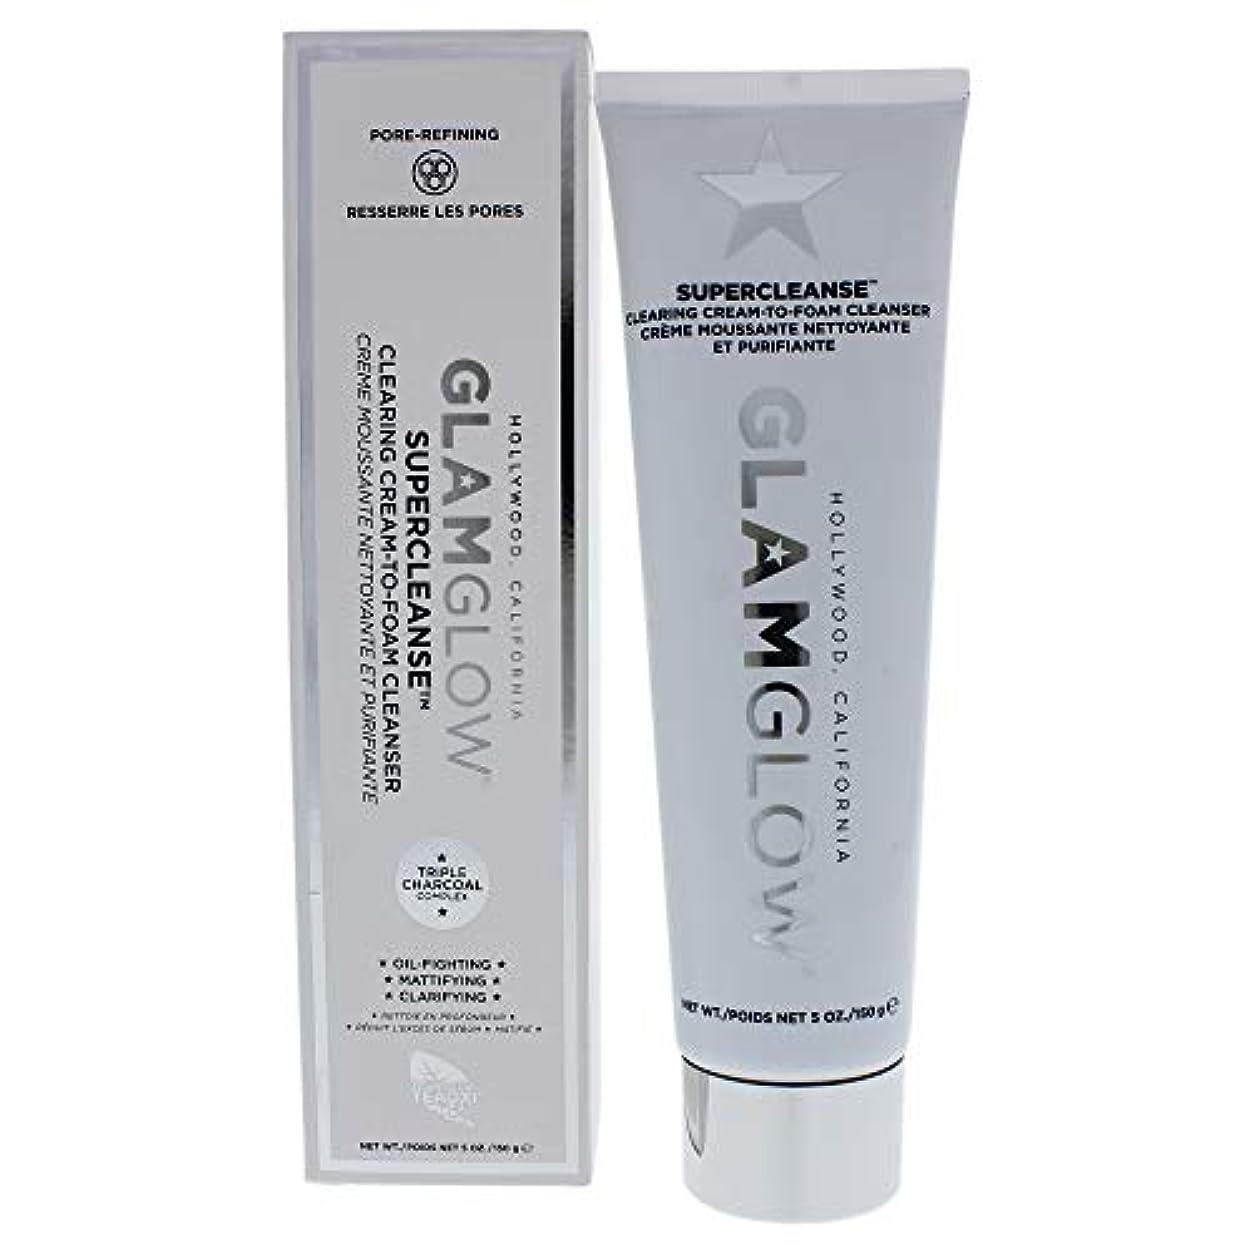 感覚早熟メロディーグラムグロー Supercleanse Clearing Cream-To-Foam Cleanser 150g/5oz並行輸入品